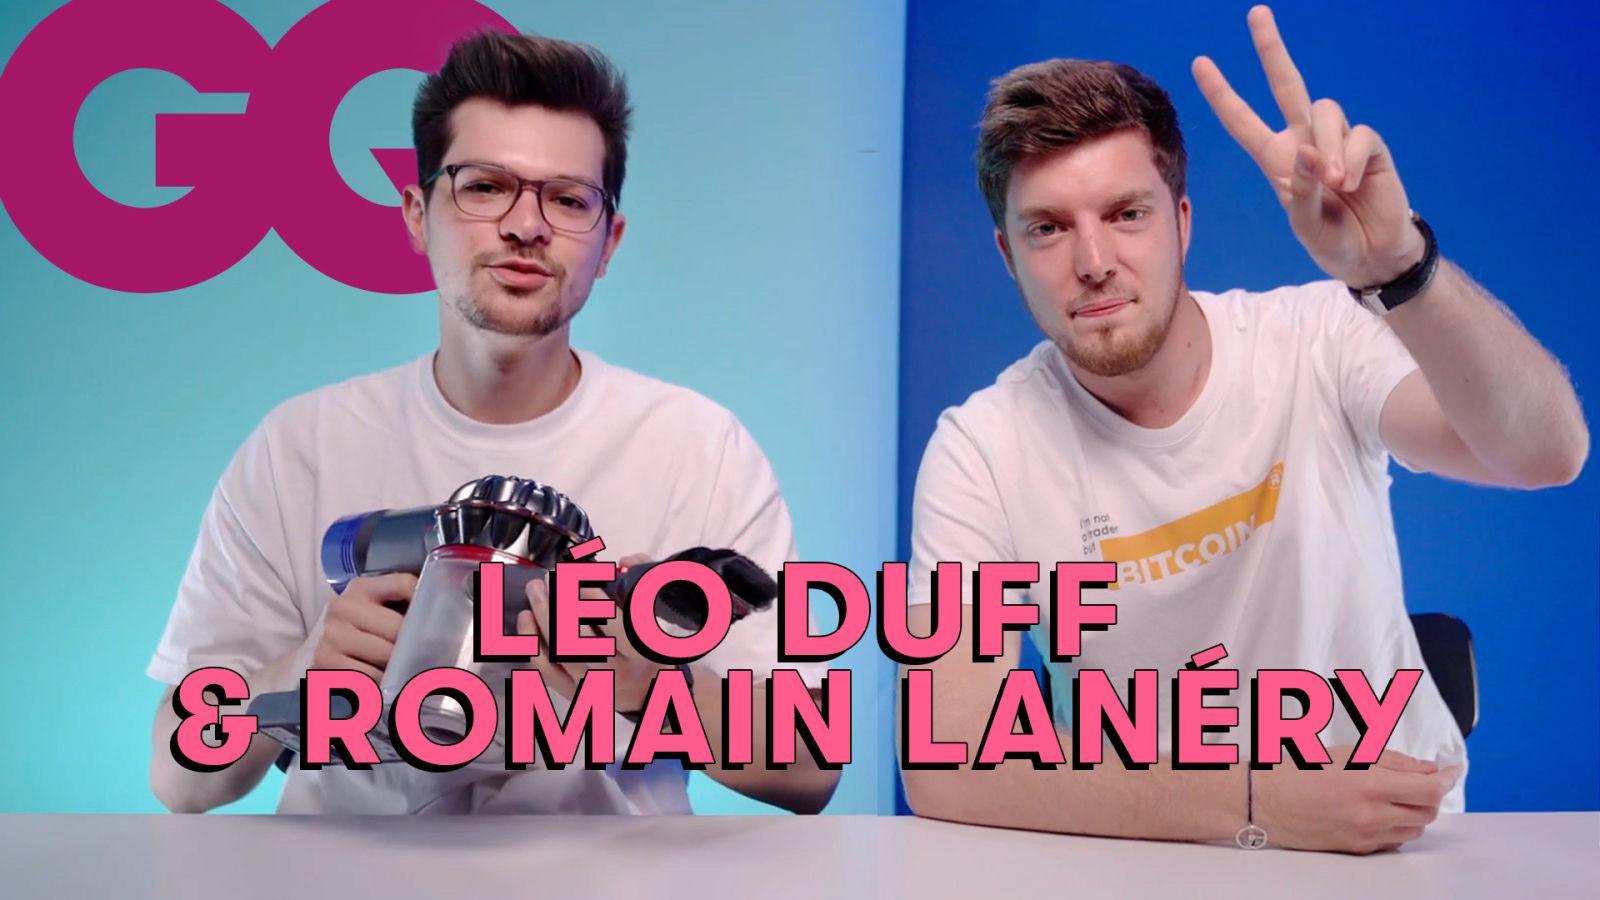 Les 10 Essentiels de Léo Duff & Romain Lanéry (AirPods, Tesla et Dyson)